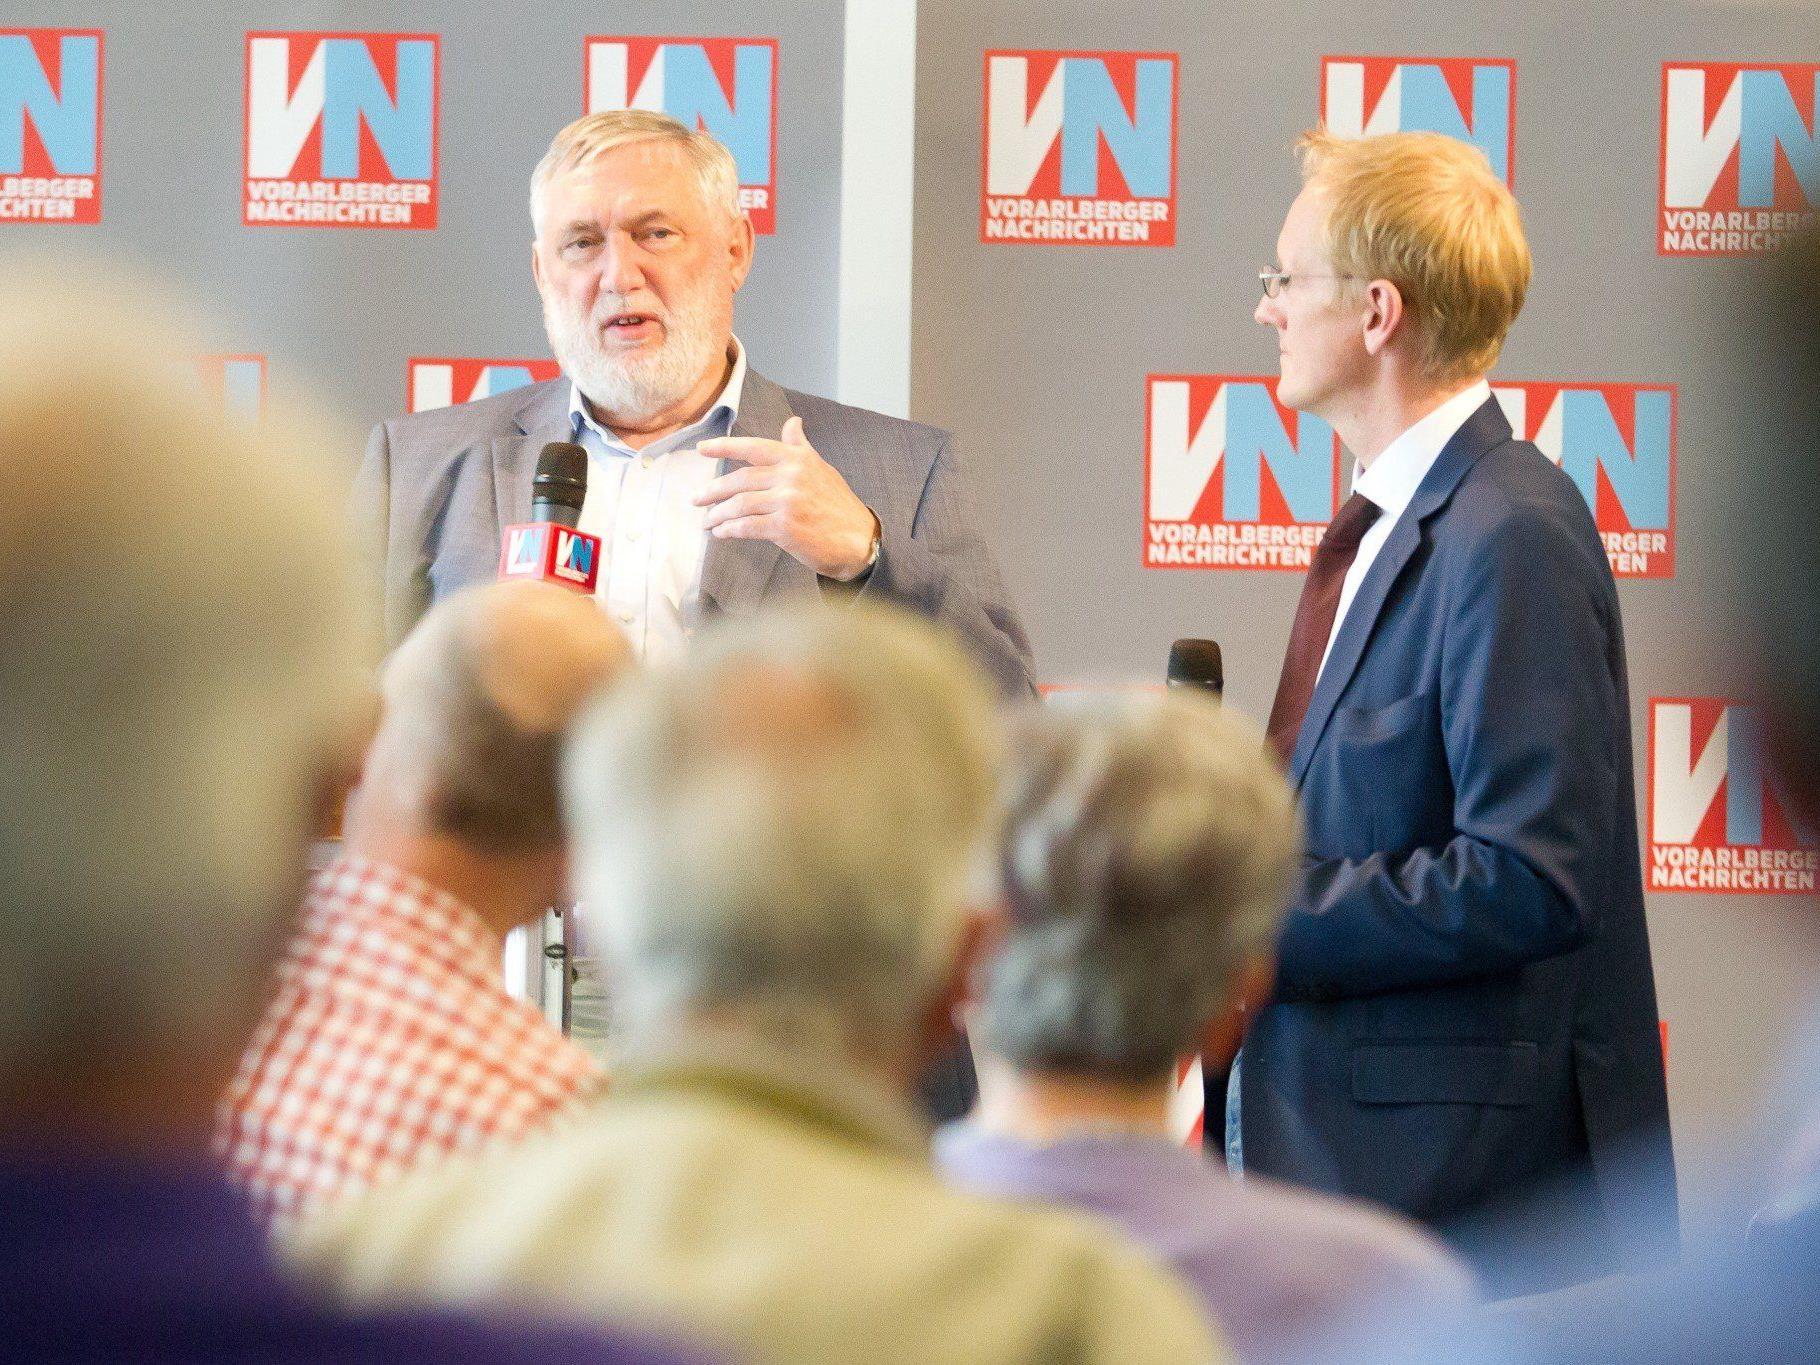 Franz Fischler vergangene Woche bei den VN: Sieht seine Skepsis gegenüber dem Freihandelsabkommen bestätigt.